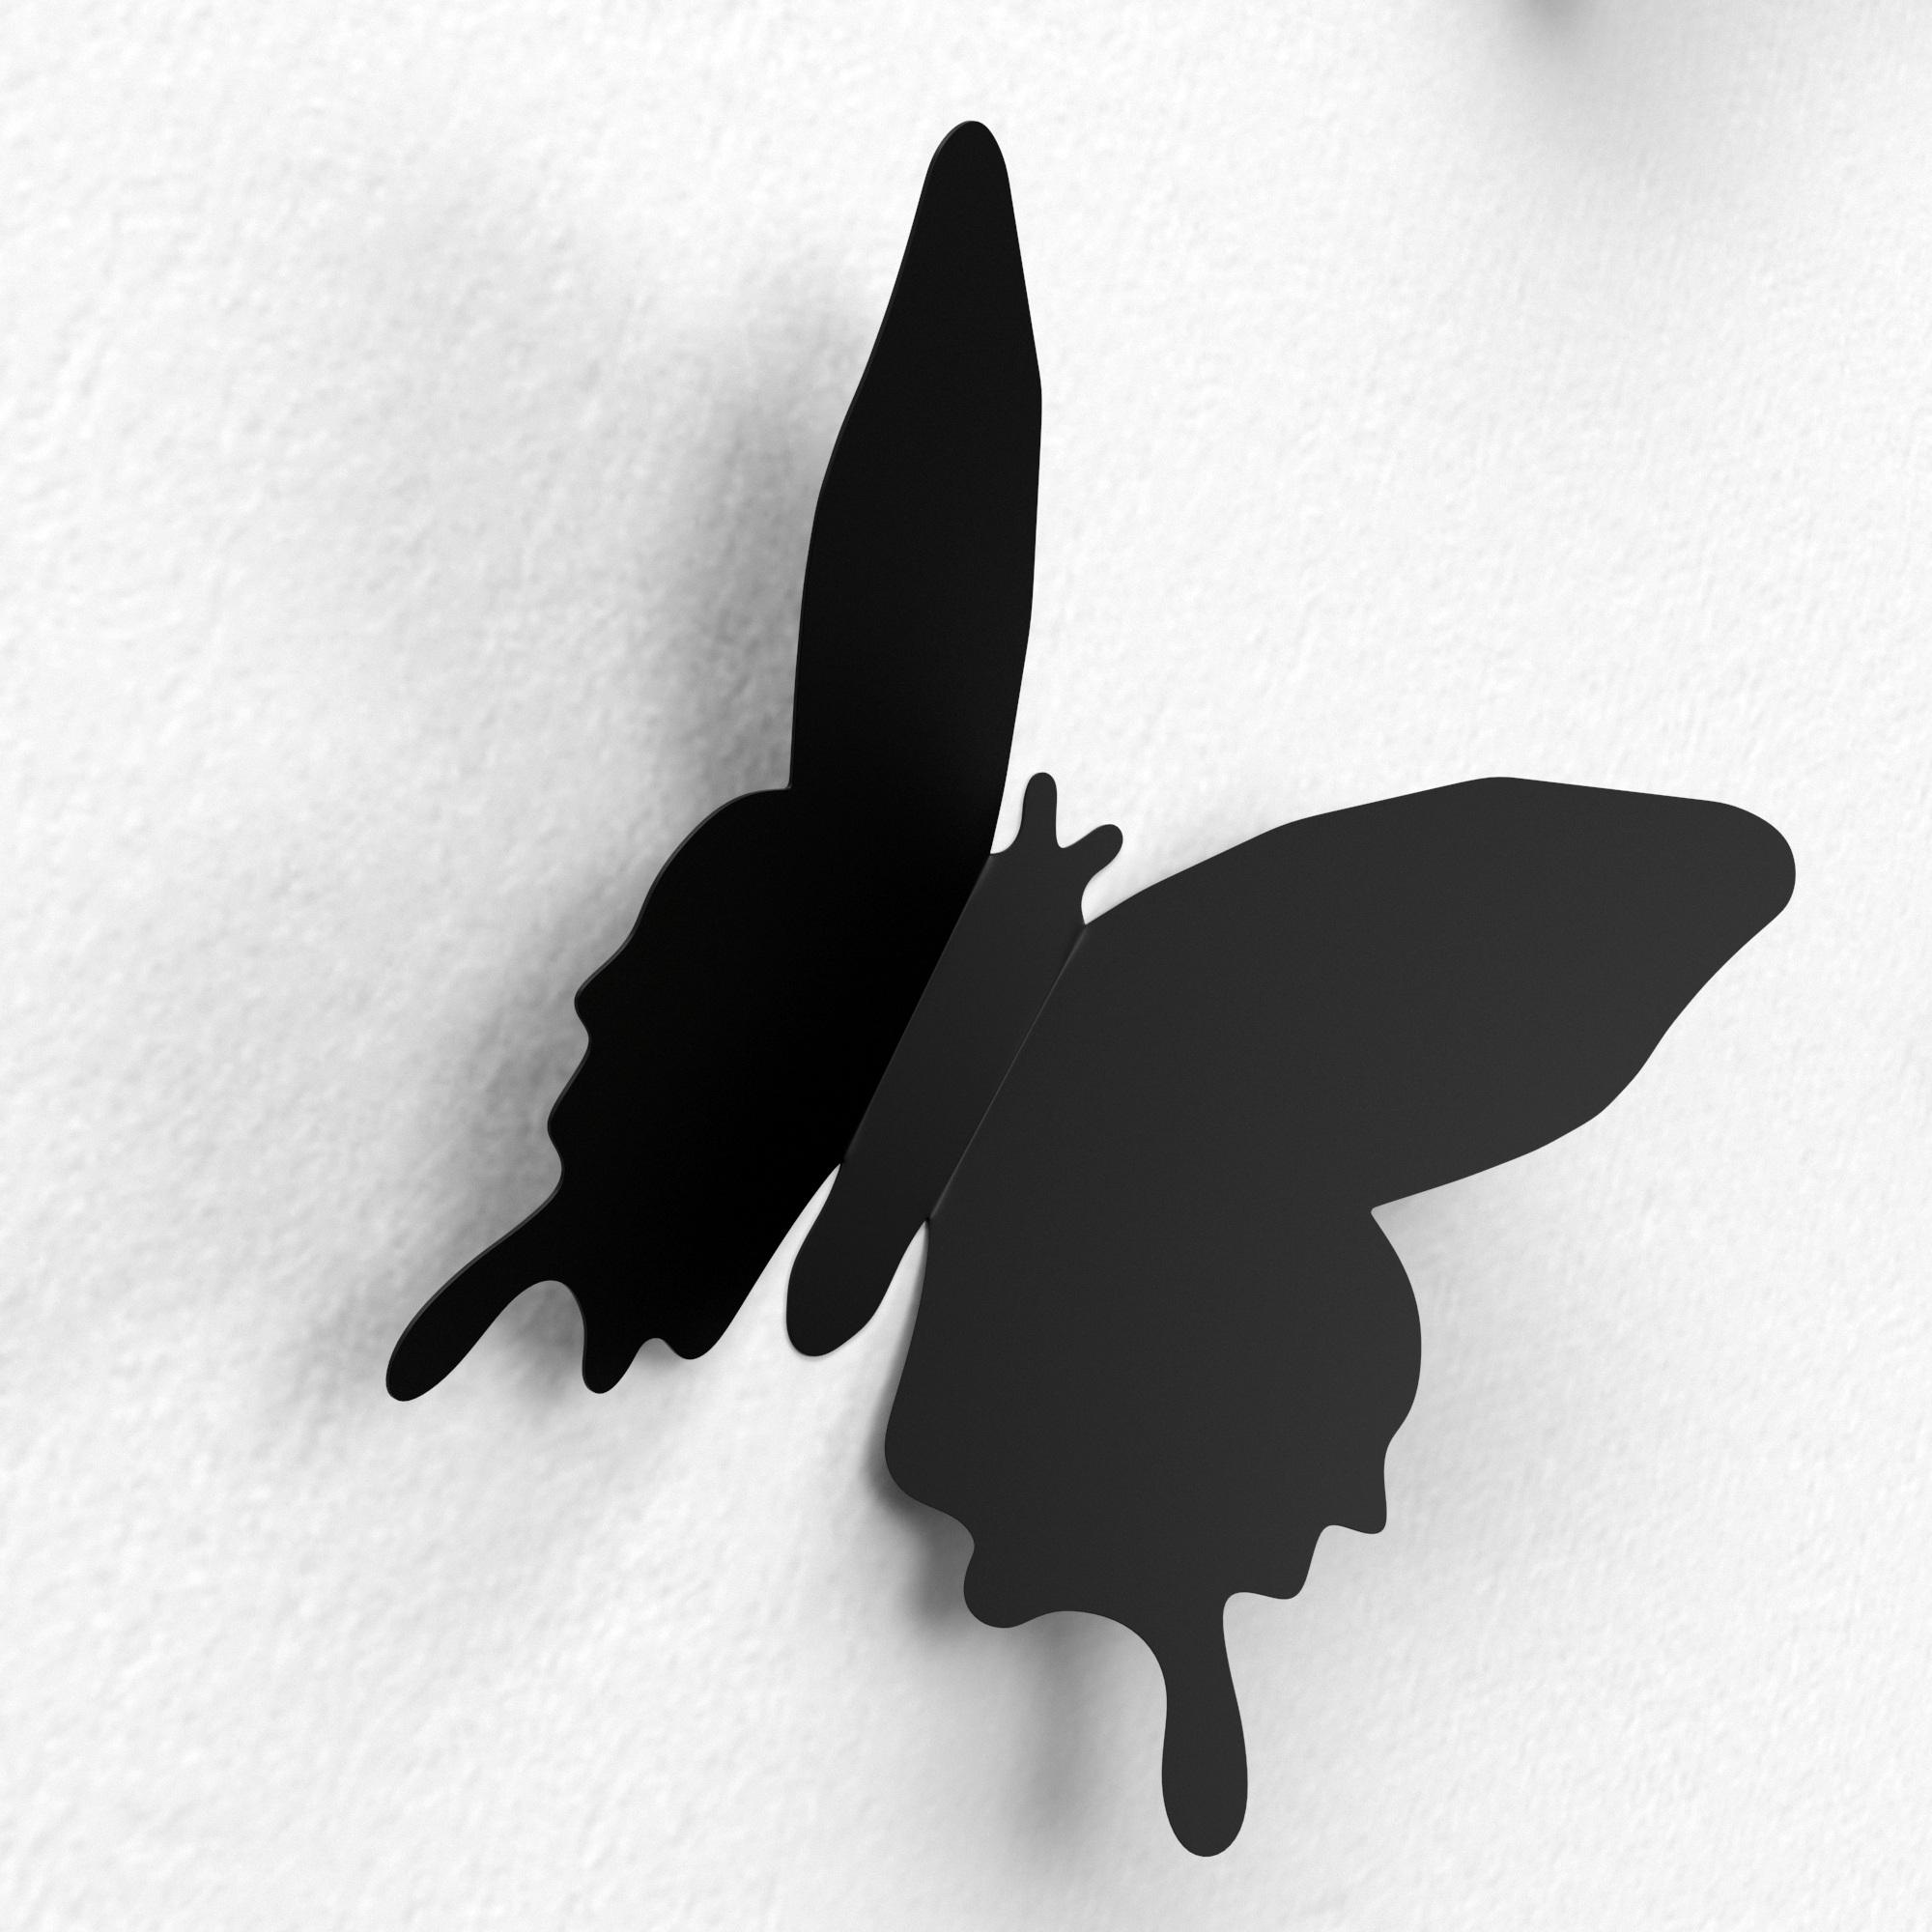 Gambar Bayangan Hitam Sayap Hitam Dan Putih Daun Dinding Kupu Kupu Warna Warni Satu Warna Gagak Stiker Ilustrasi Logo Kesenangan Fotografi Monokrom Bertengger Burung Dekorasi Kertas 2000x2000 1058115 Galeri Foto Pxhere